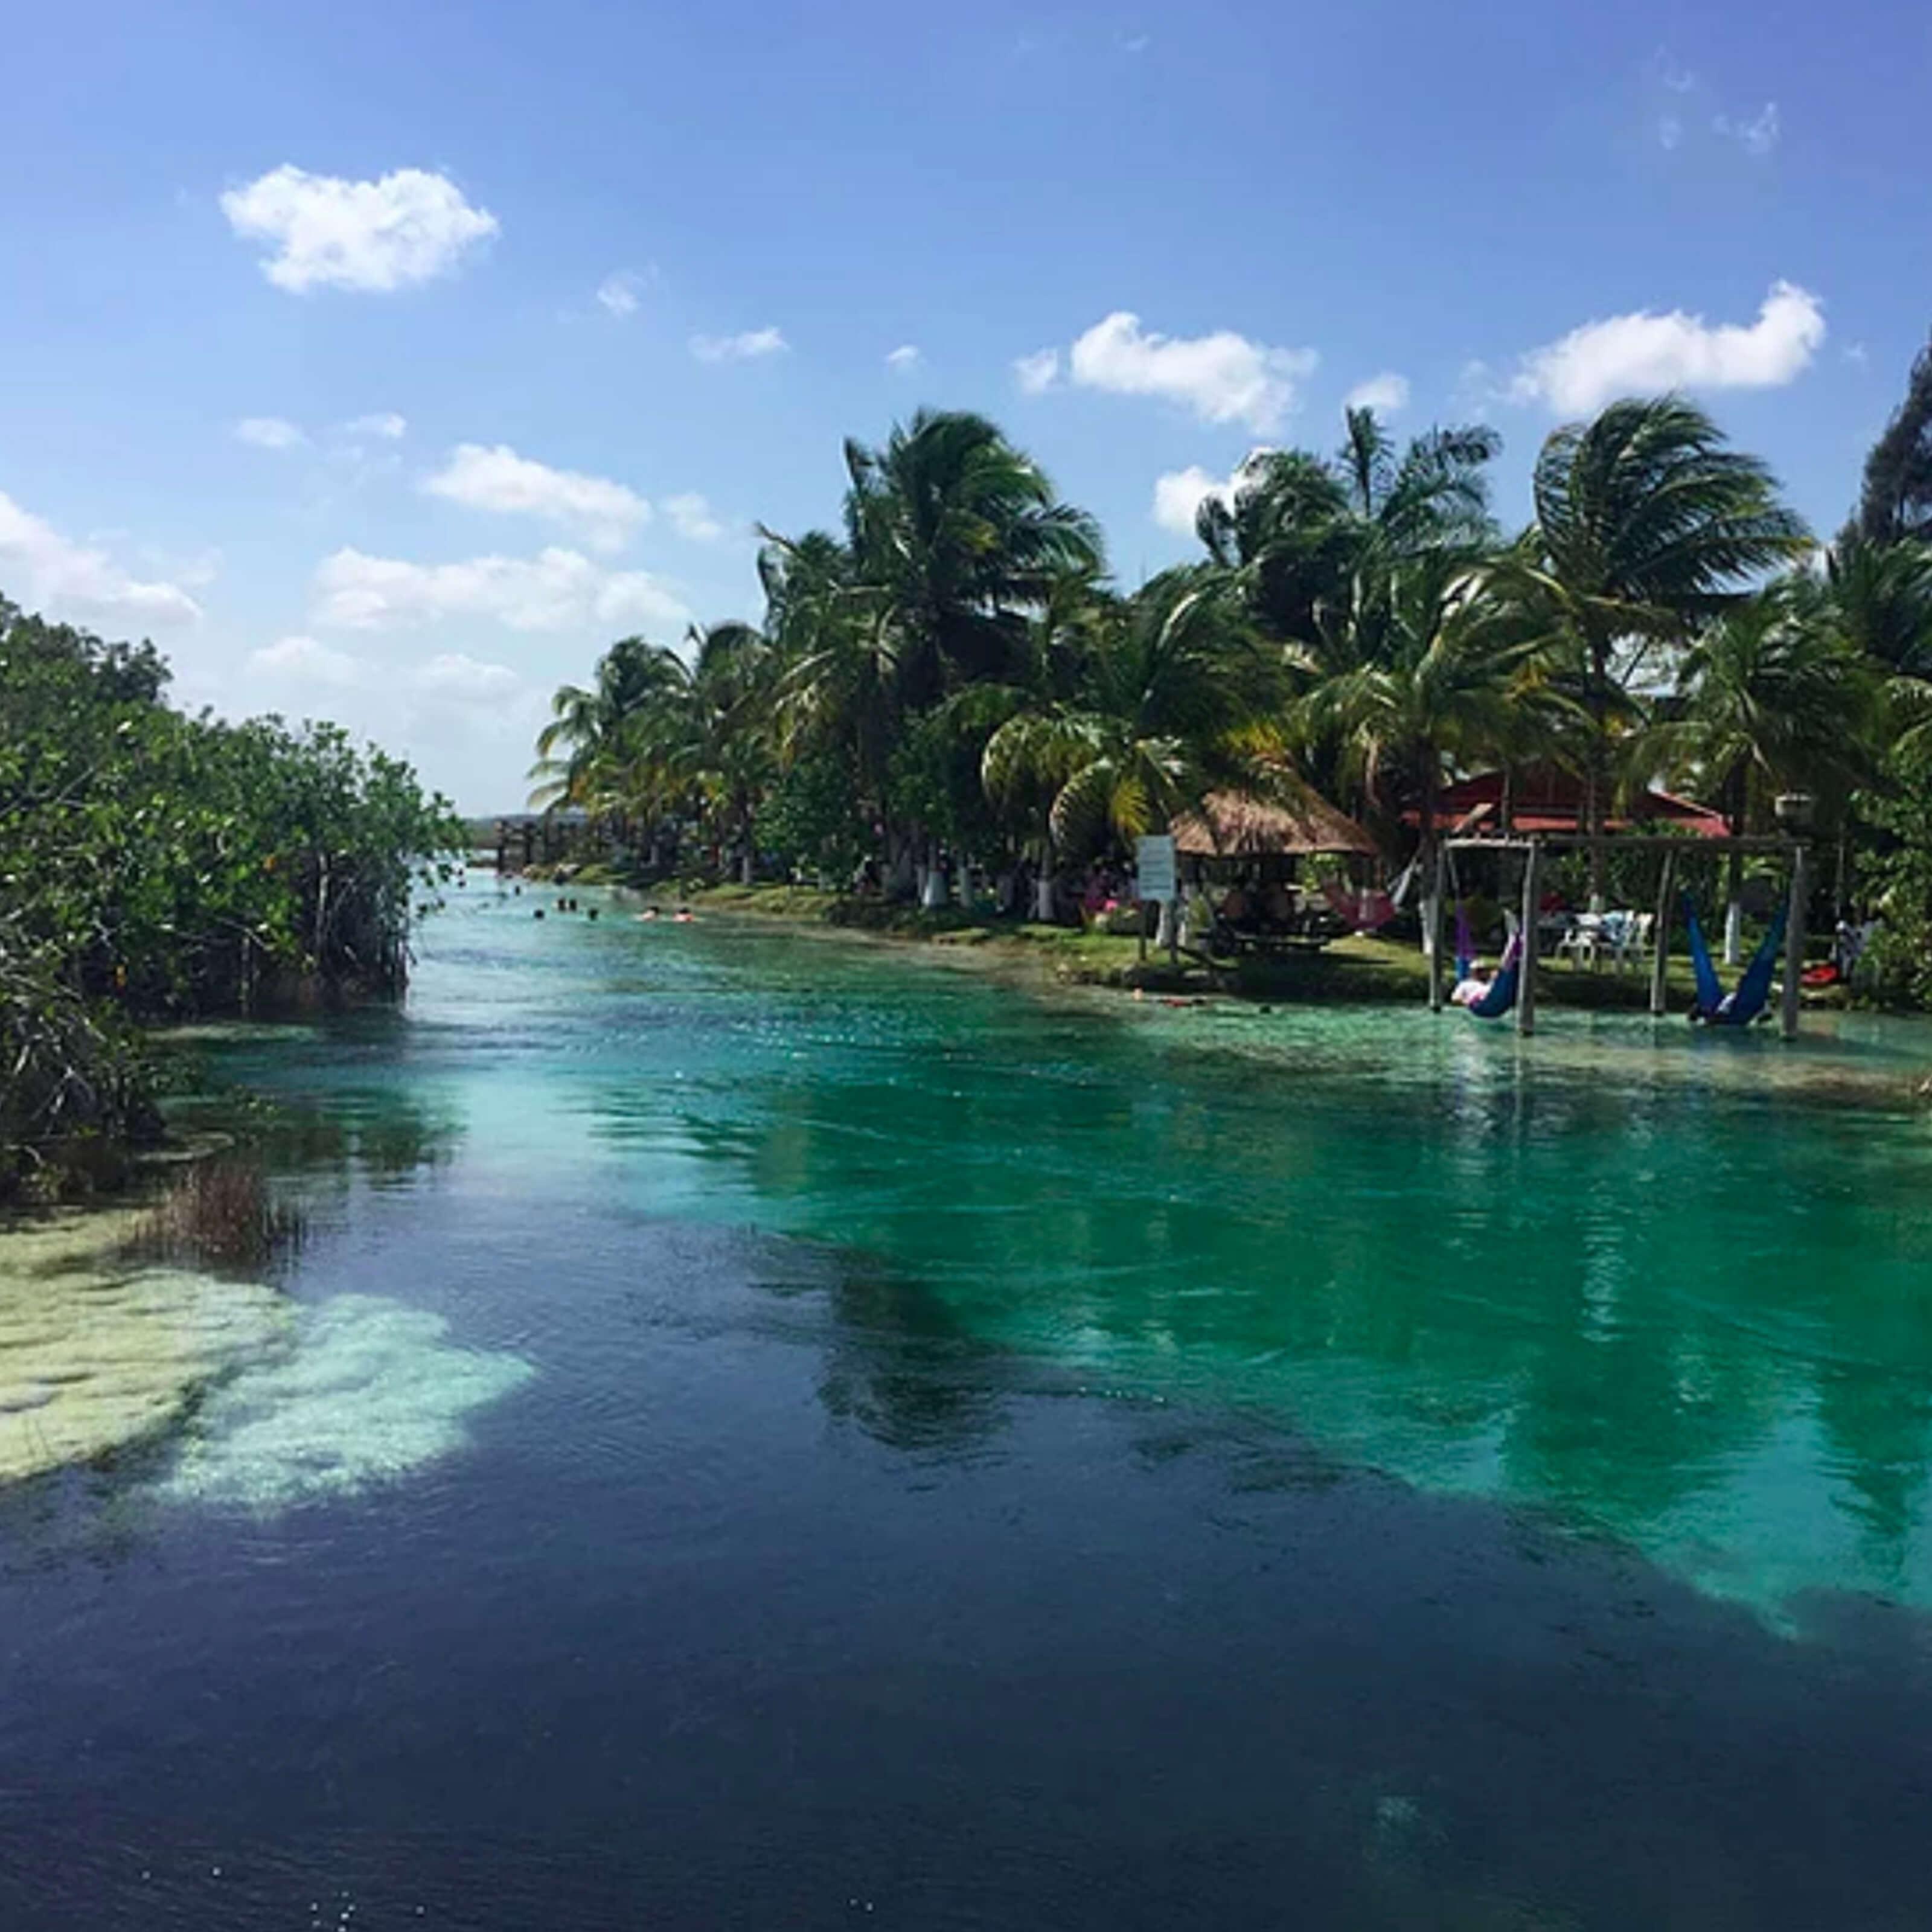 lagoon, trees, huts, hammocks, swimmers